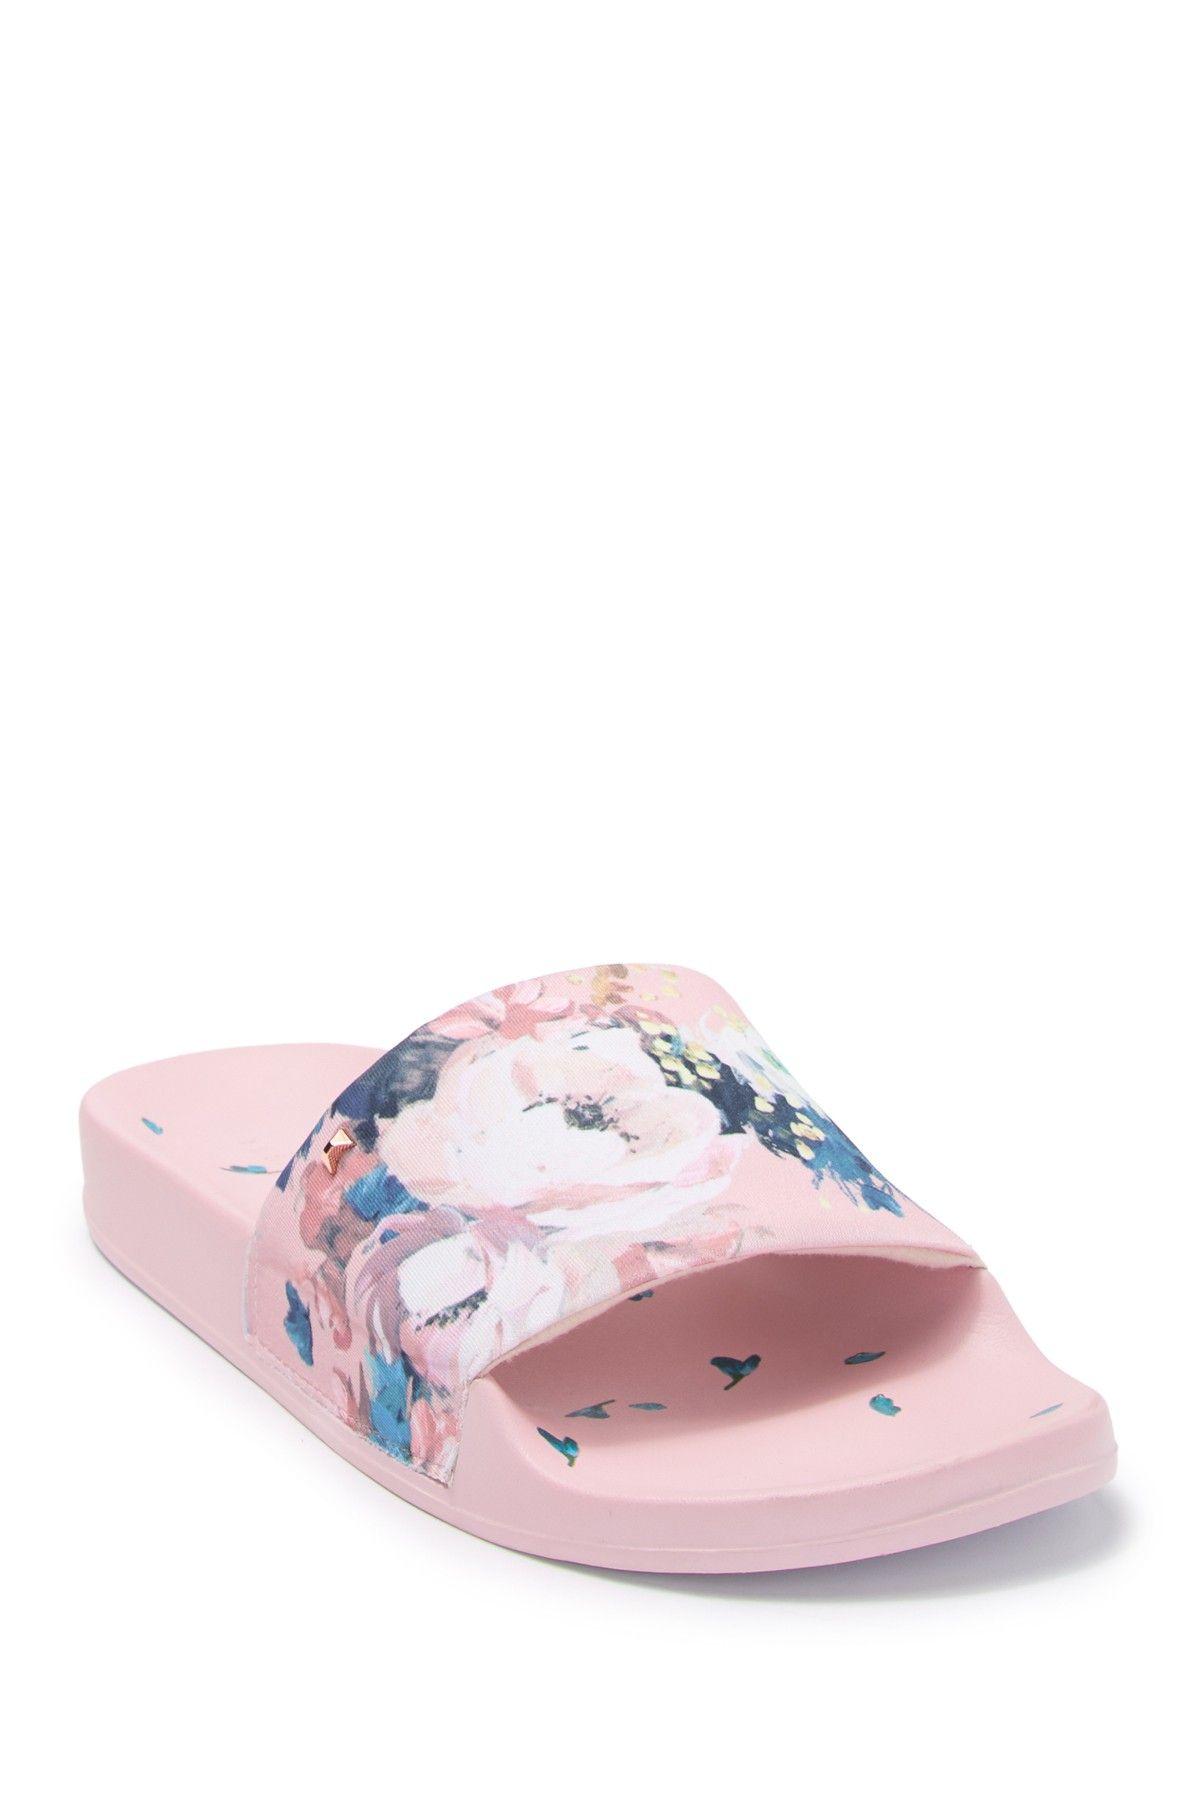 Ted Baker London Avelini Slider Sandal